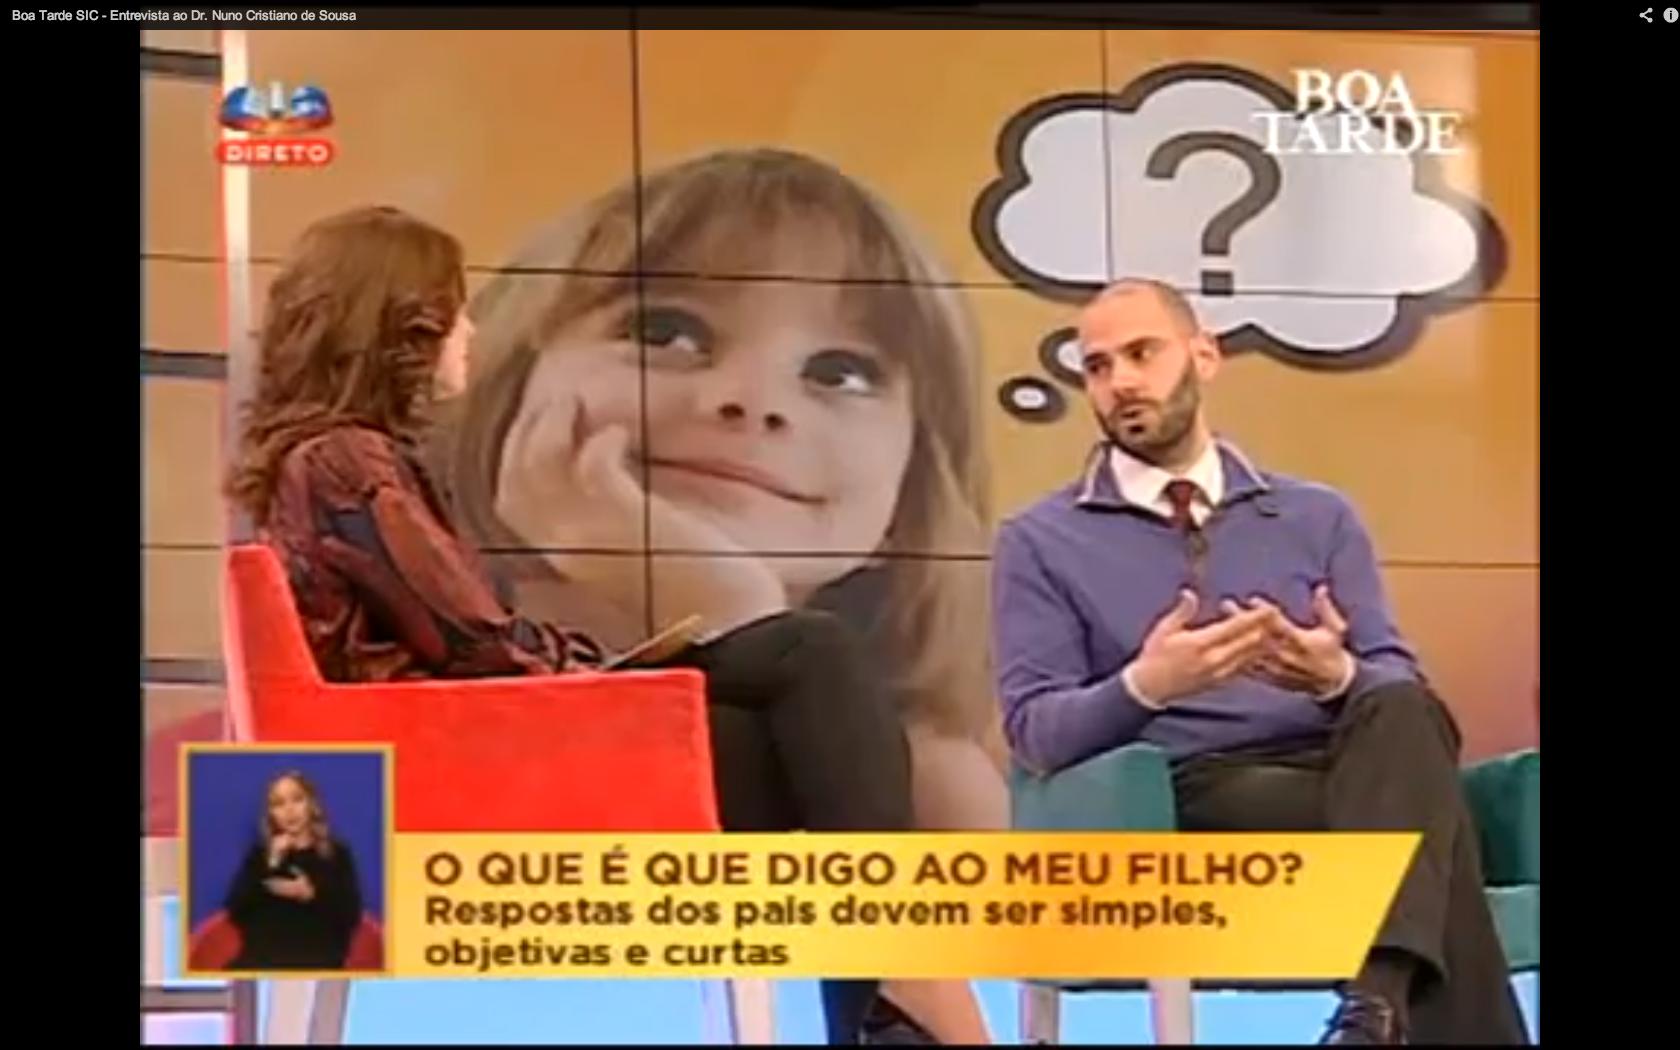 SIC - Boa Tarde: Perguntas Constrangedoras das Crianças